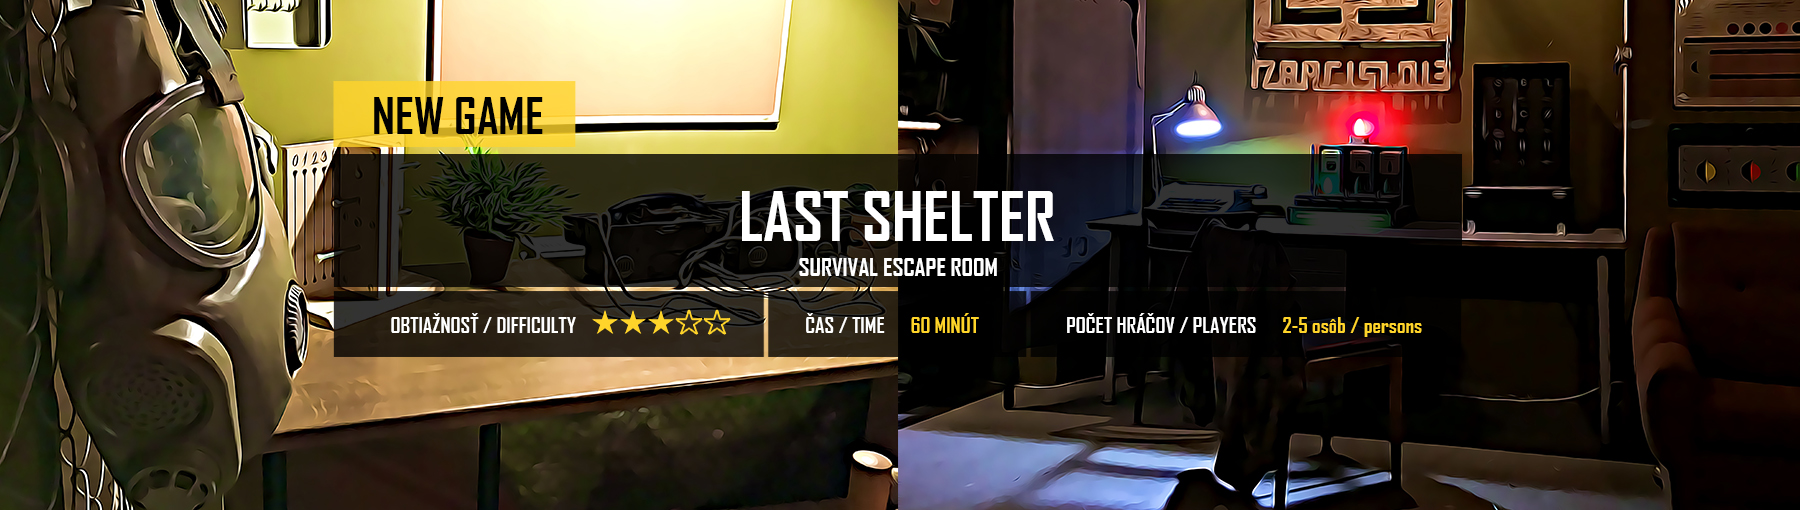 SLIDER-HRY_last shelter